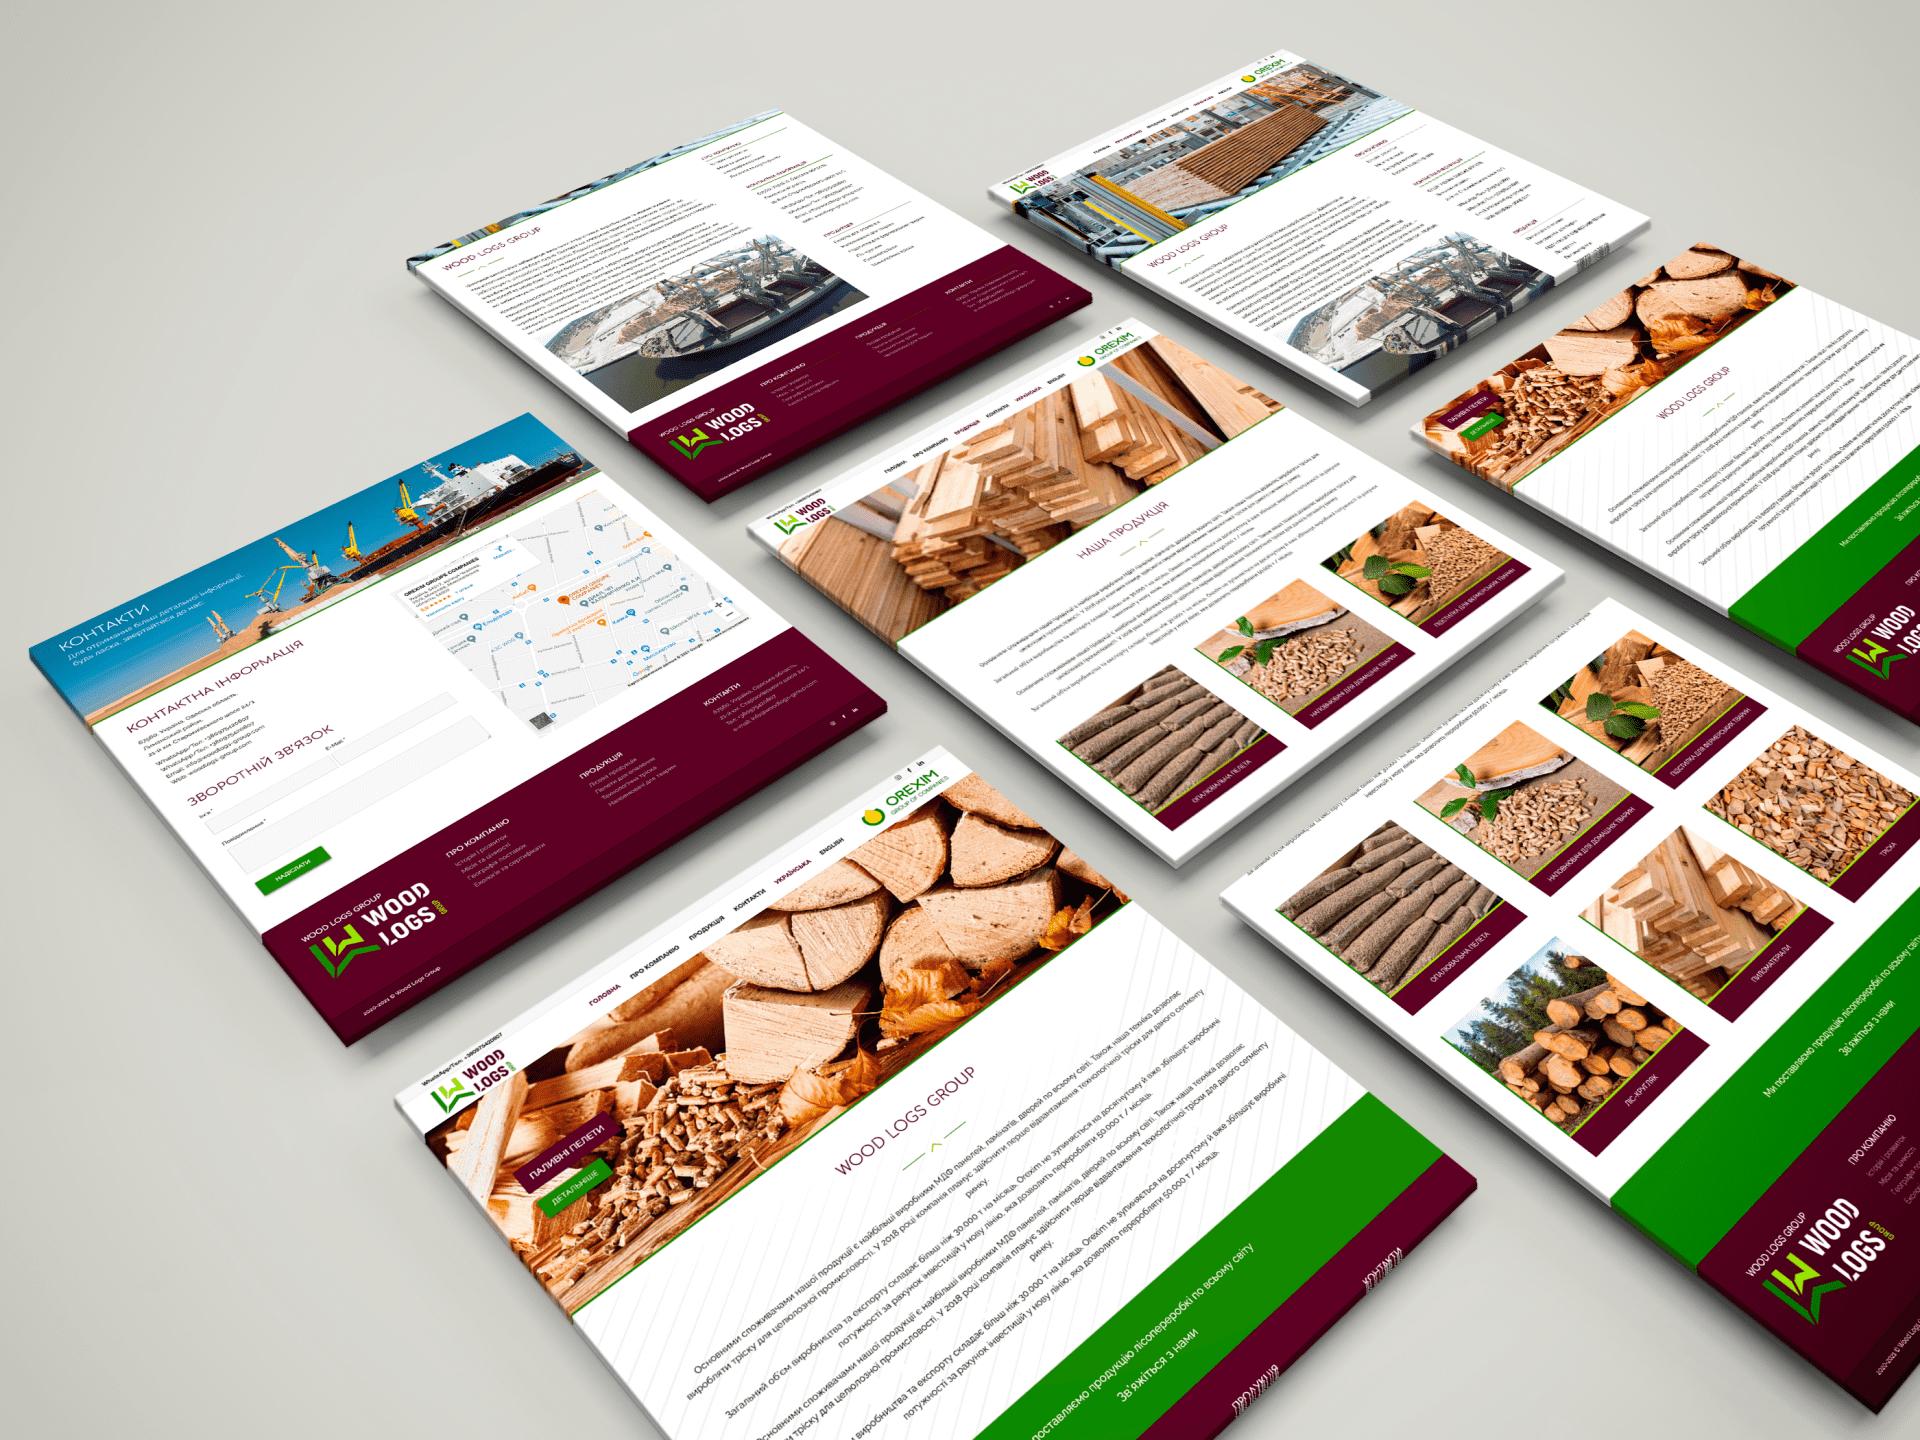 Разработка сайта под ключ с индивидуальным дизайном для производственной компании